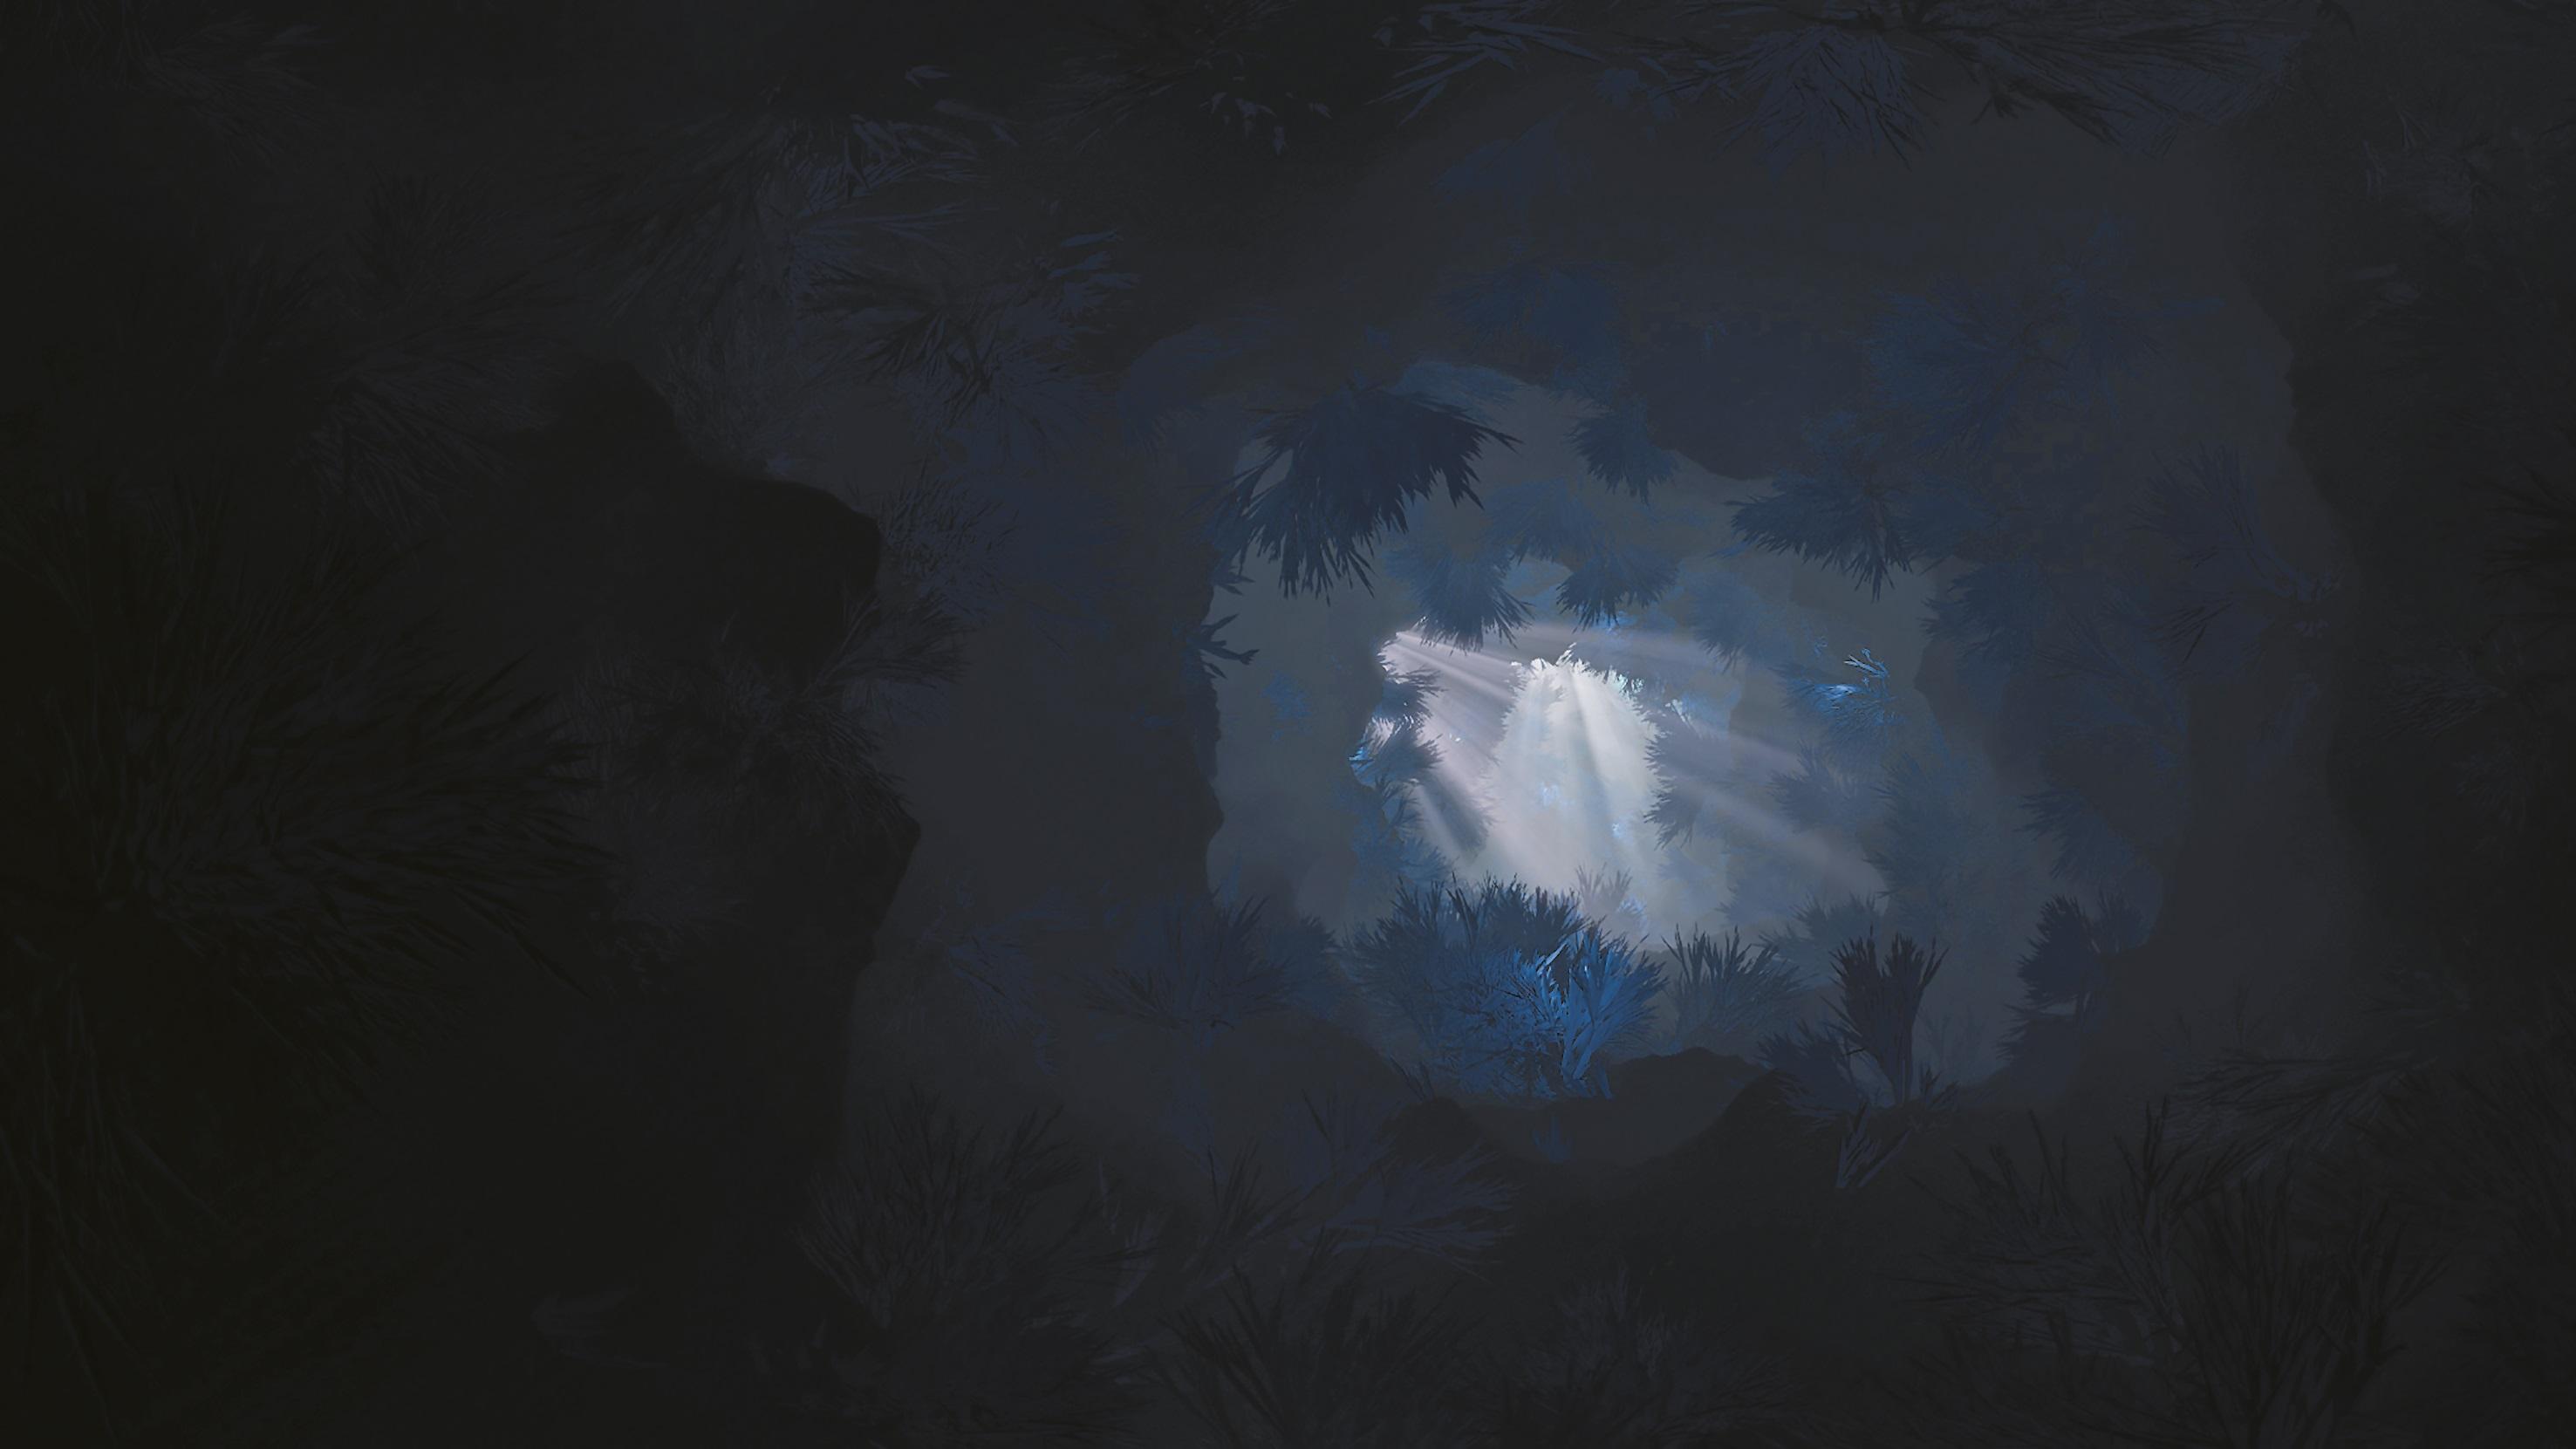 Für die Beleuchtung der Umgebung nutzte Marc Lichter im Ambient-Modus kombiniert mit physikalisch korrektem Falloff.